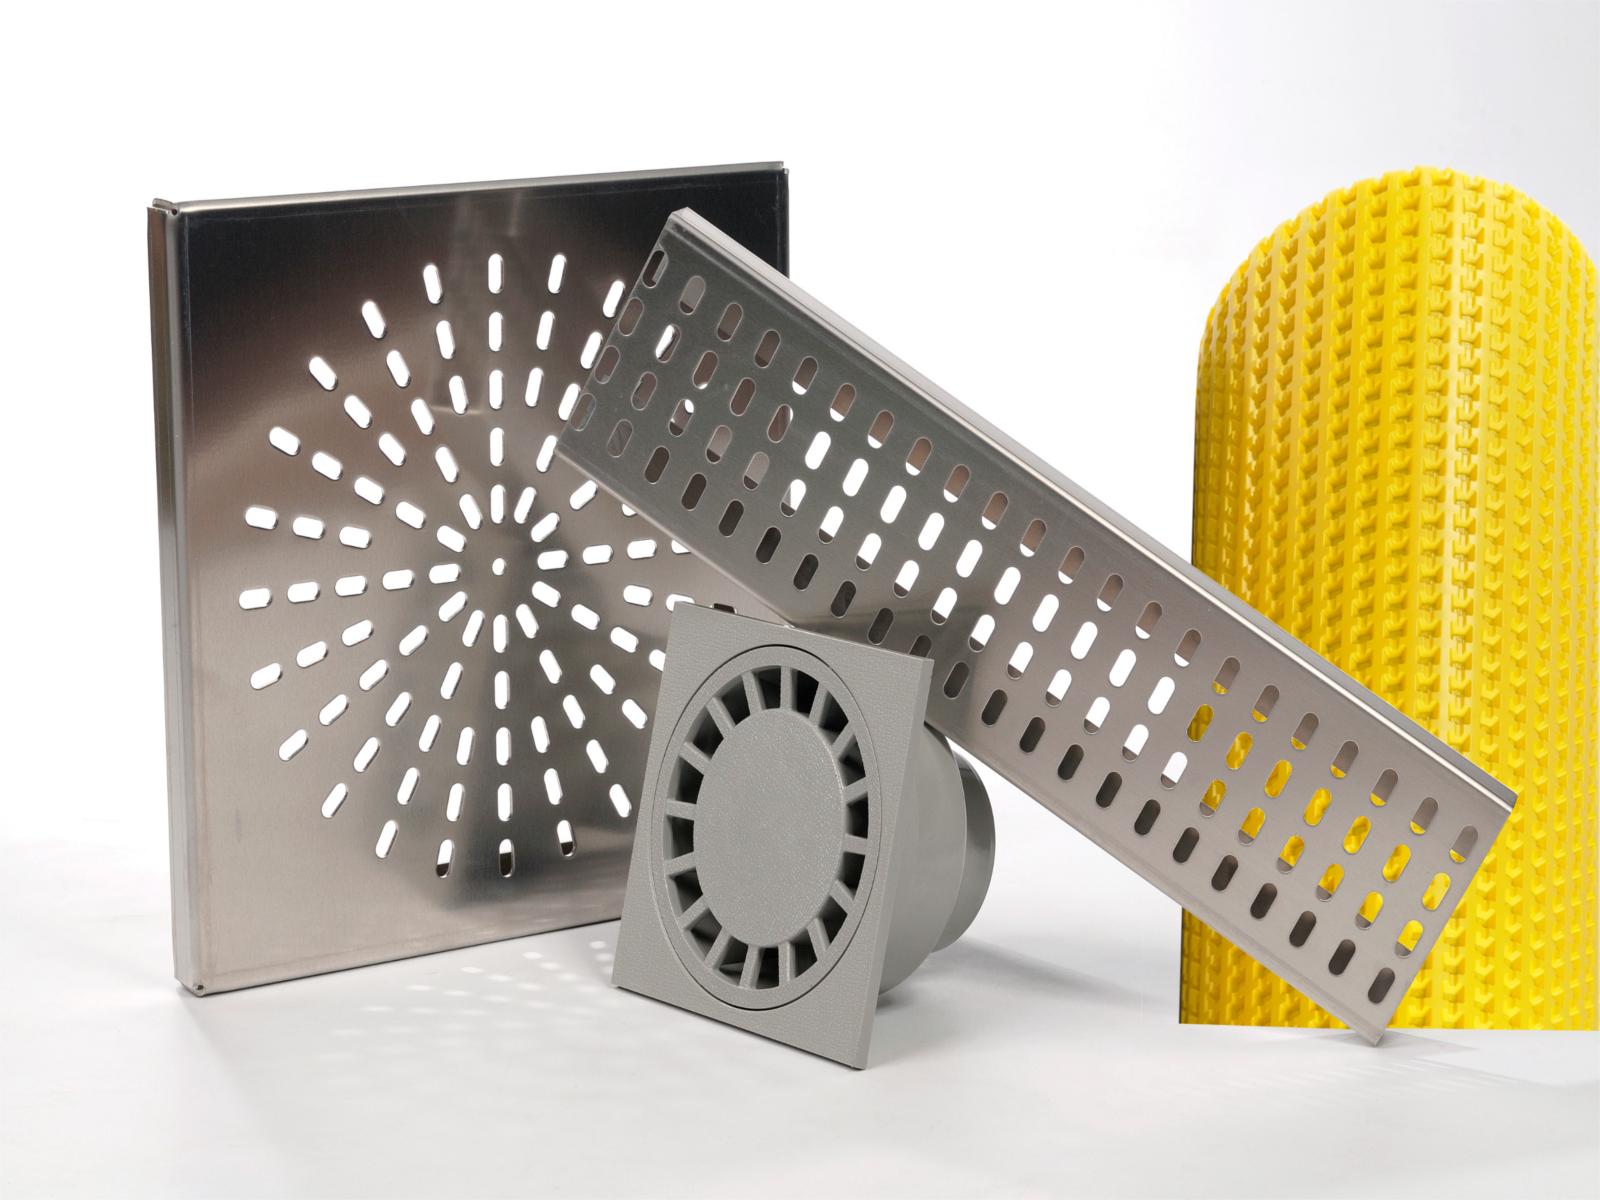 volfi systeme f r professionelle plattenverlegung volfi systeme f r die moderne plattenverlegung. Black Bedroom Furniture Sets. Home Design Ideas